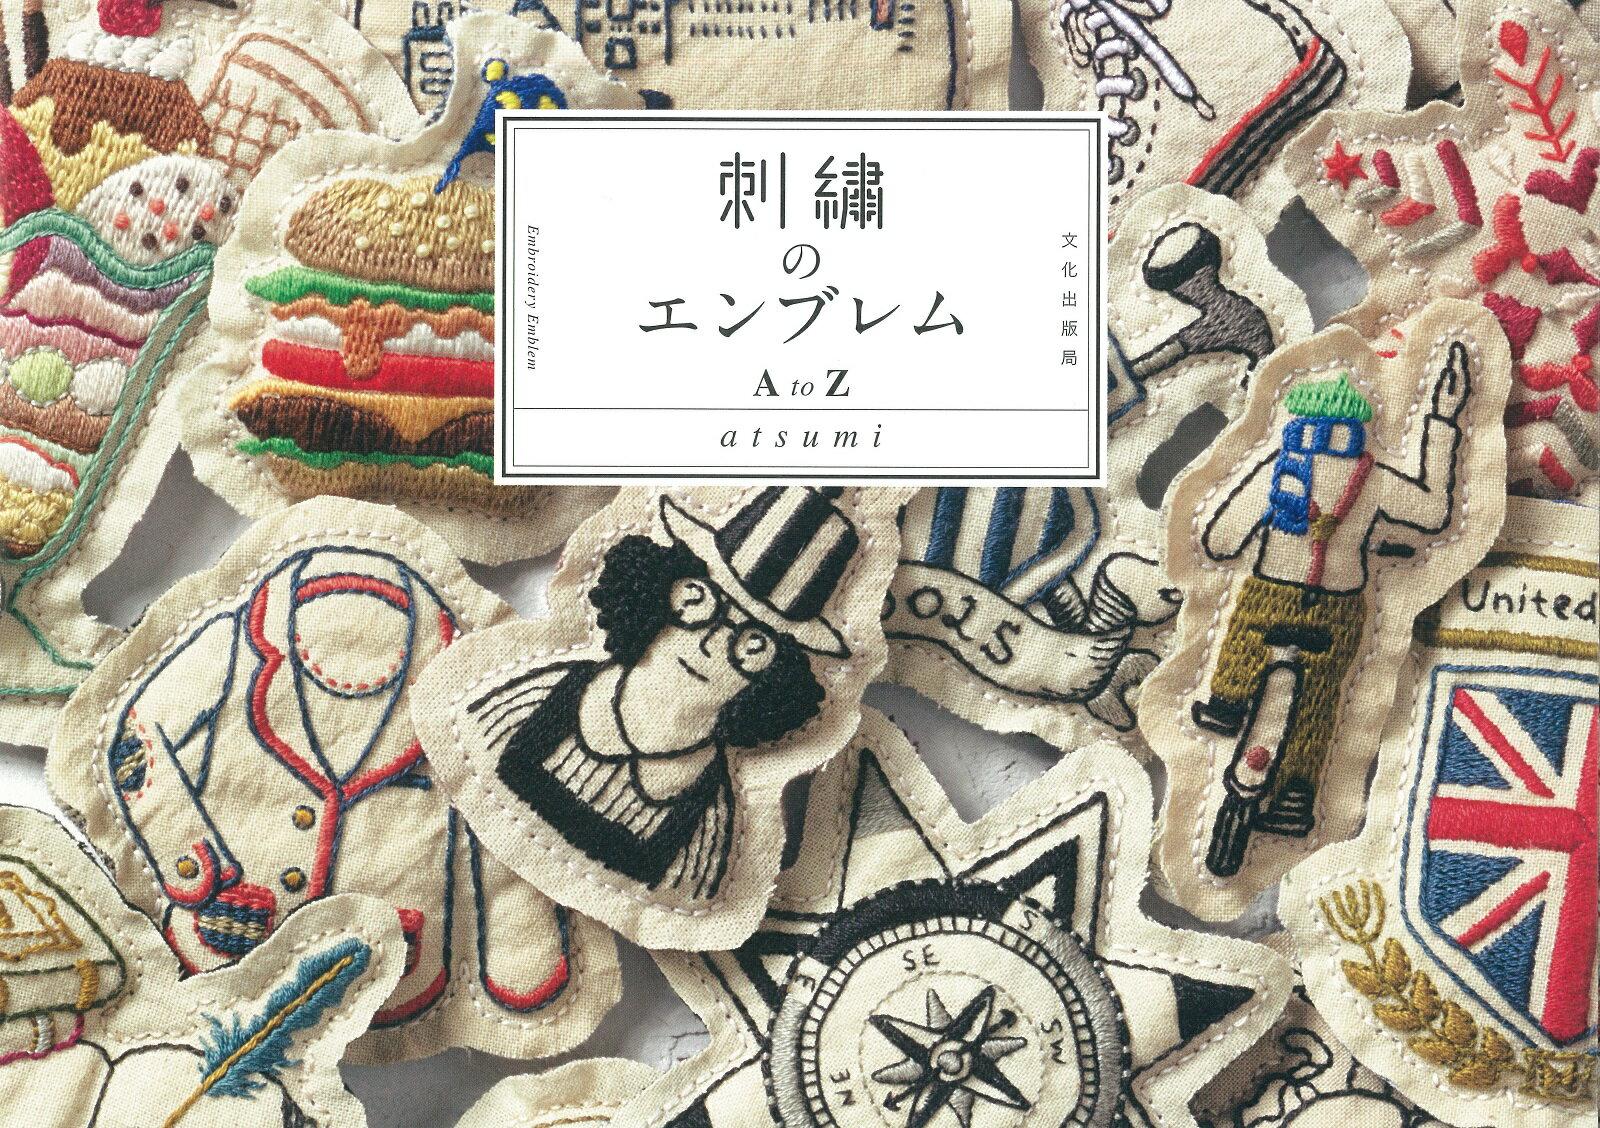 刺繍のエンブレム AtoZ [ atsumi ]